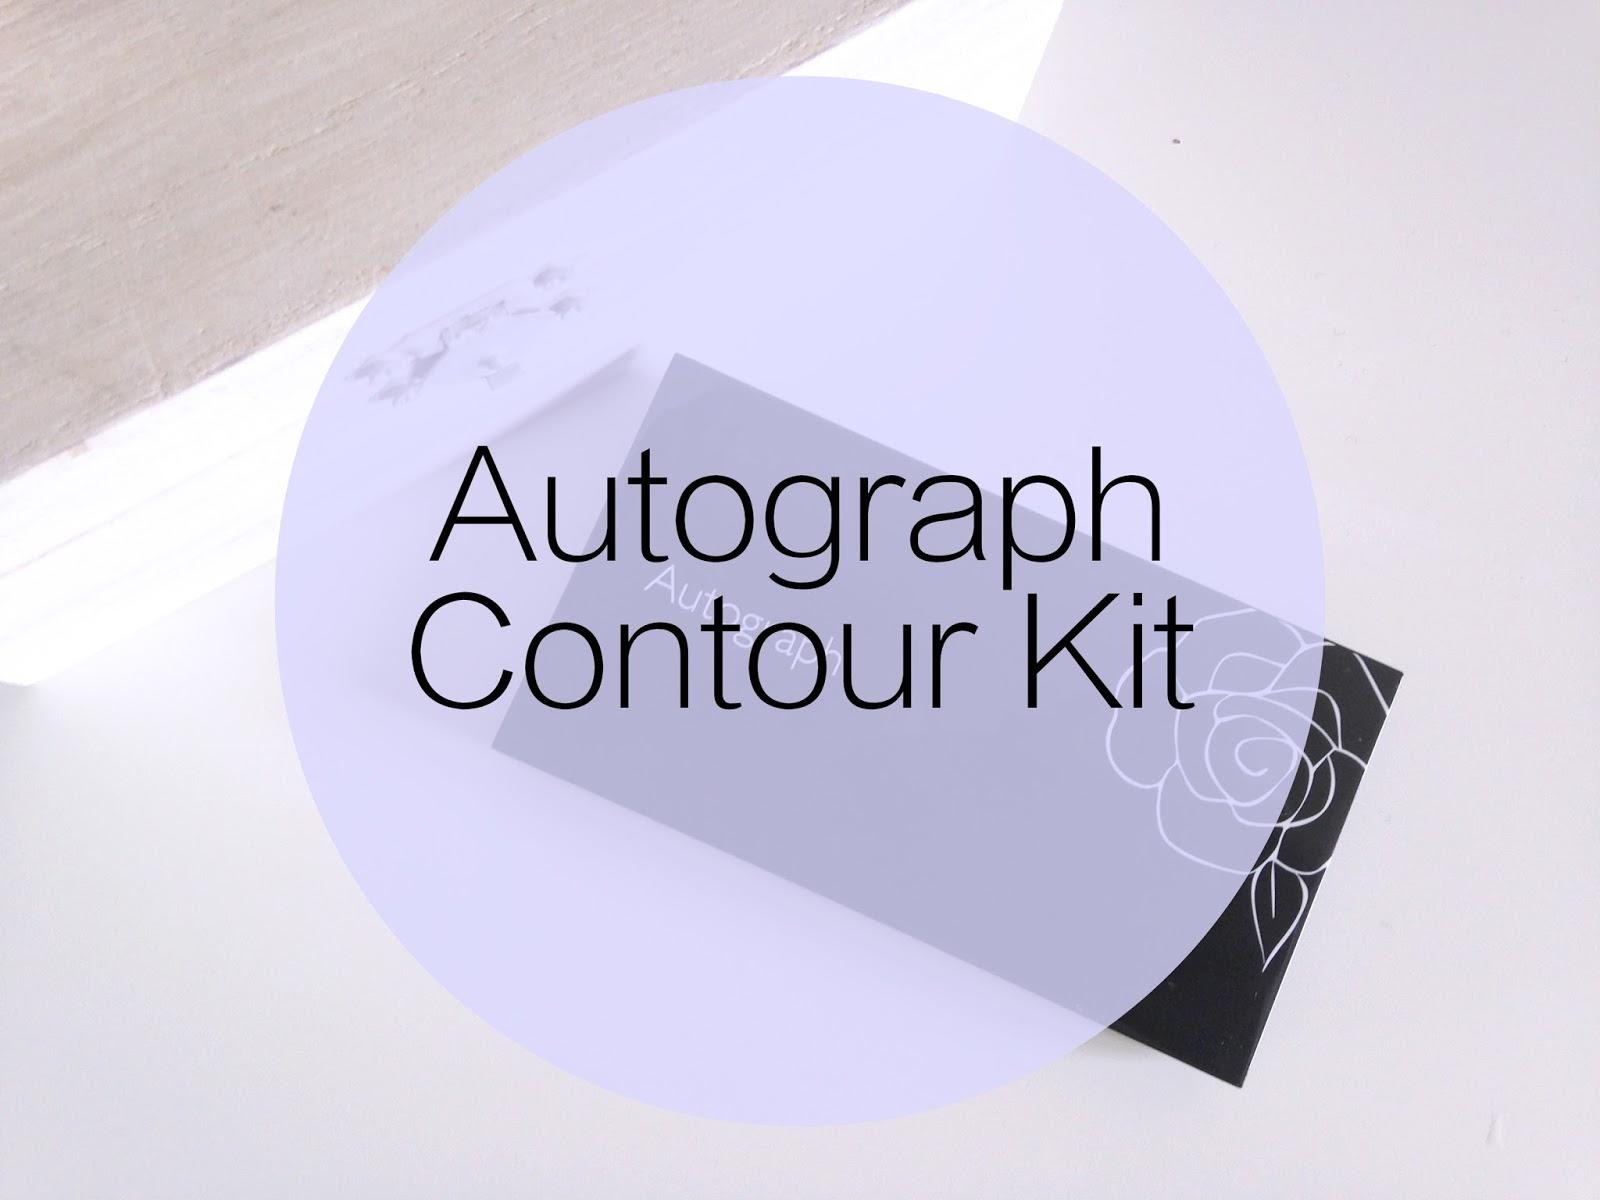 Autograph Contour Kit